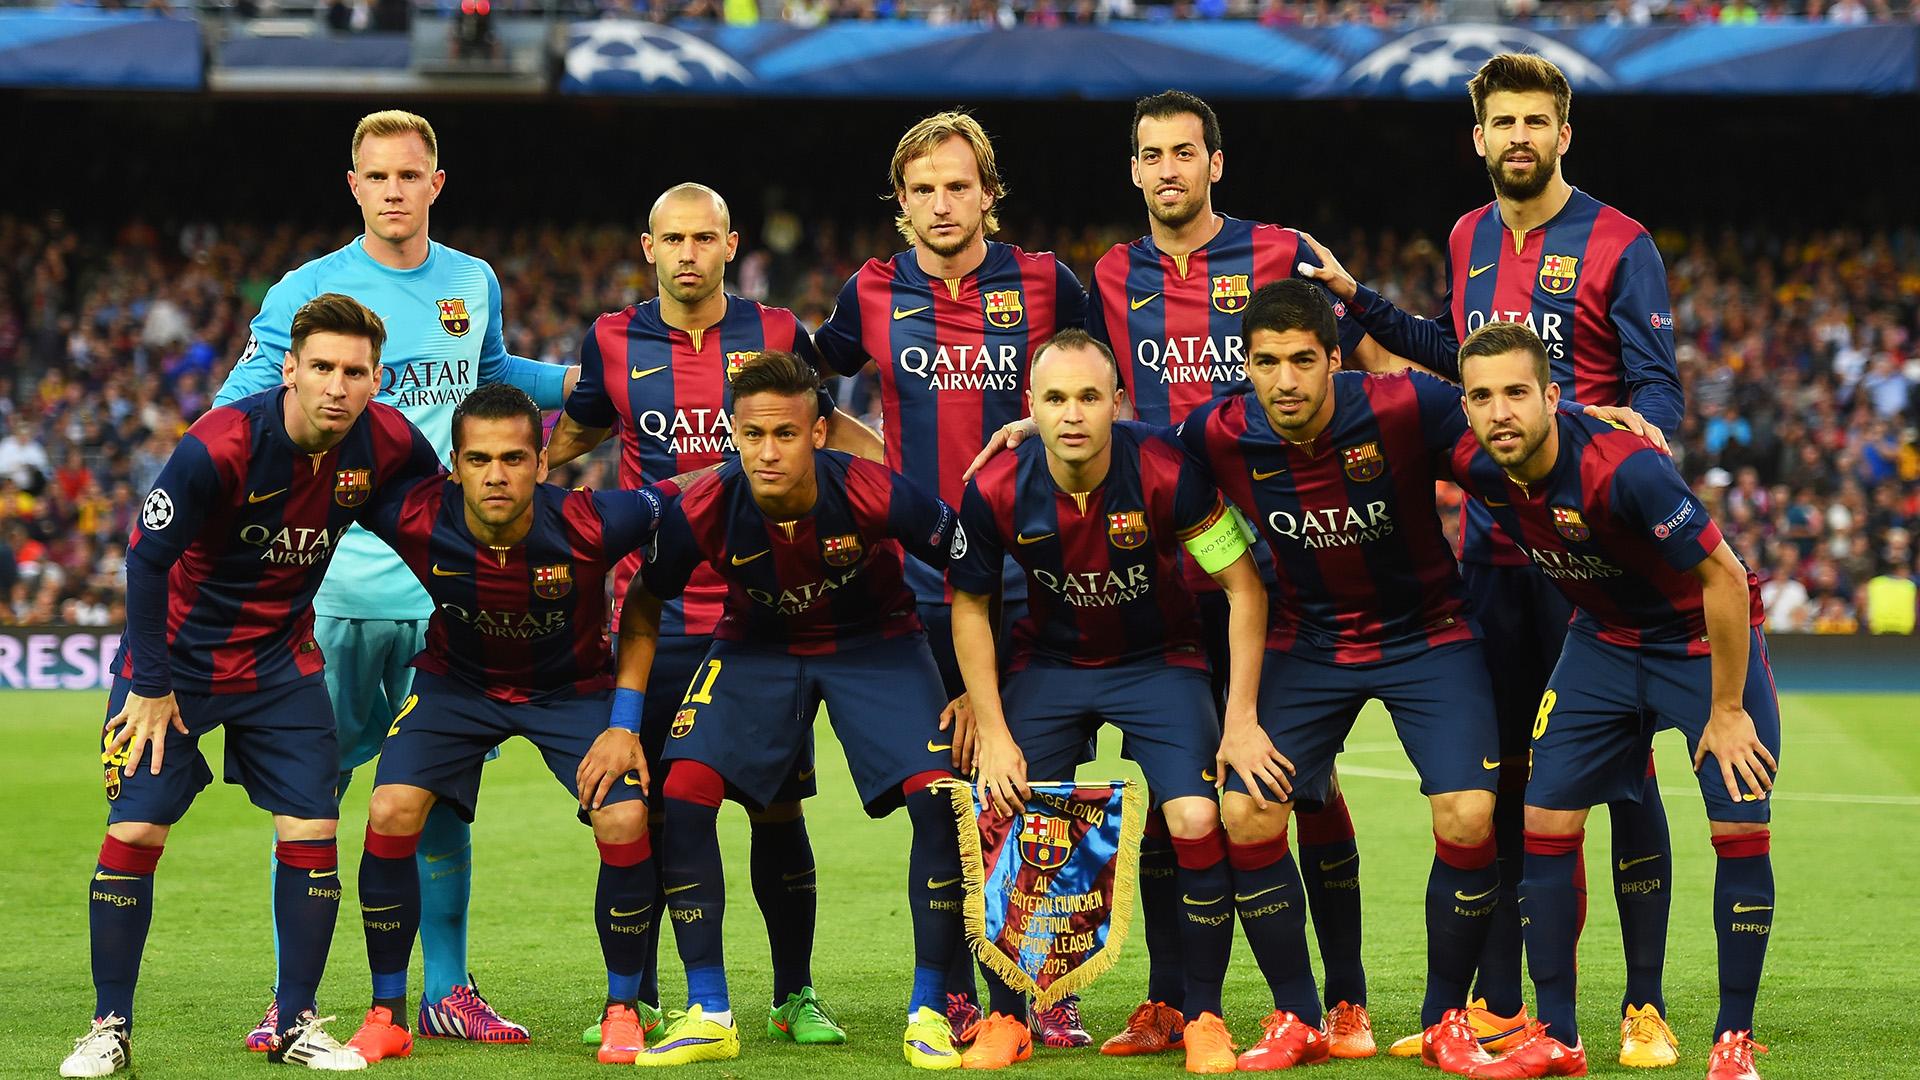 """""""Las-Palmas"""" murabbiyi """"Barcelona""""ning qaysi futbolchisiga qoyil qolganini aytdi. Bu MSN triosi emas"""